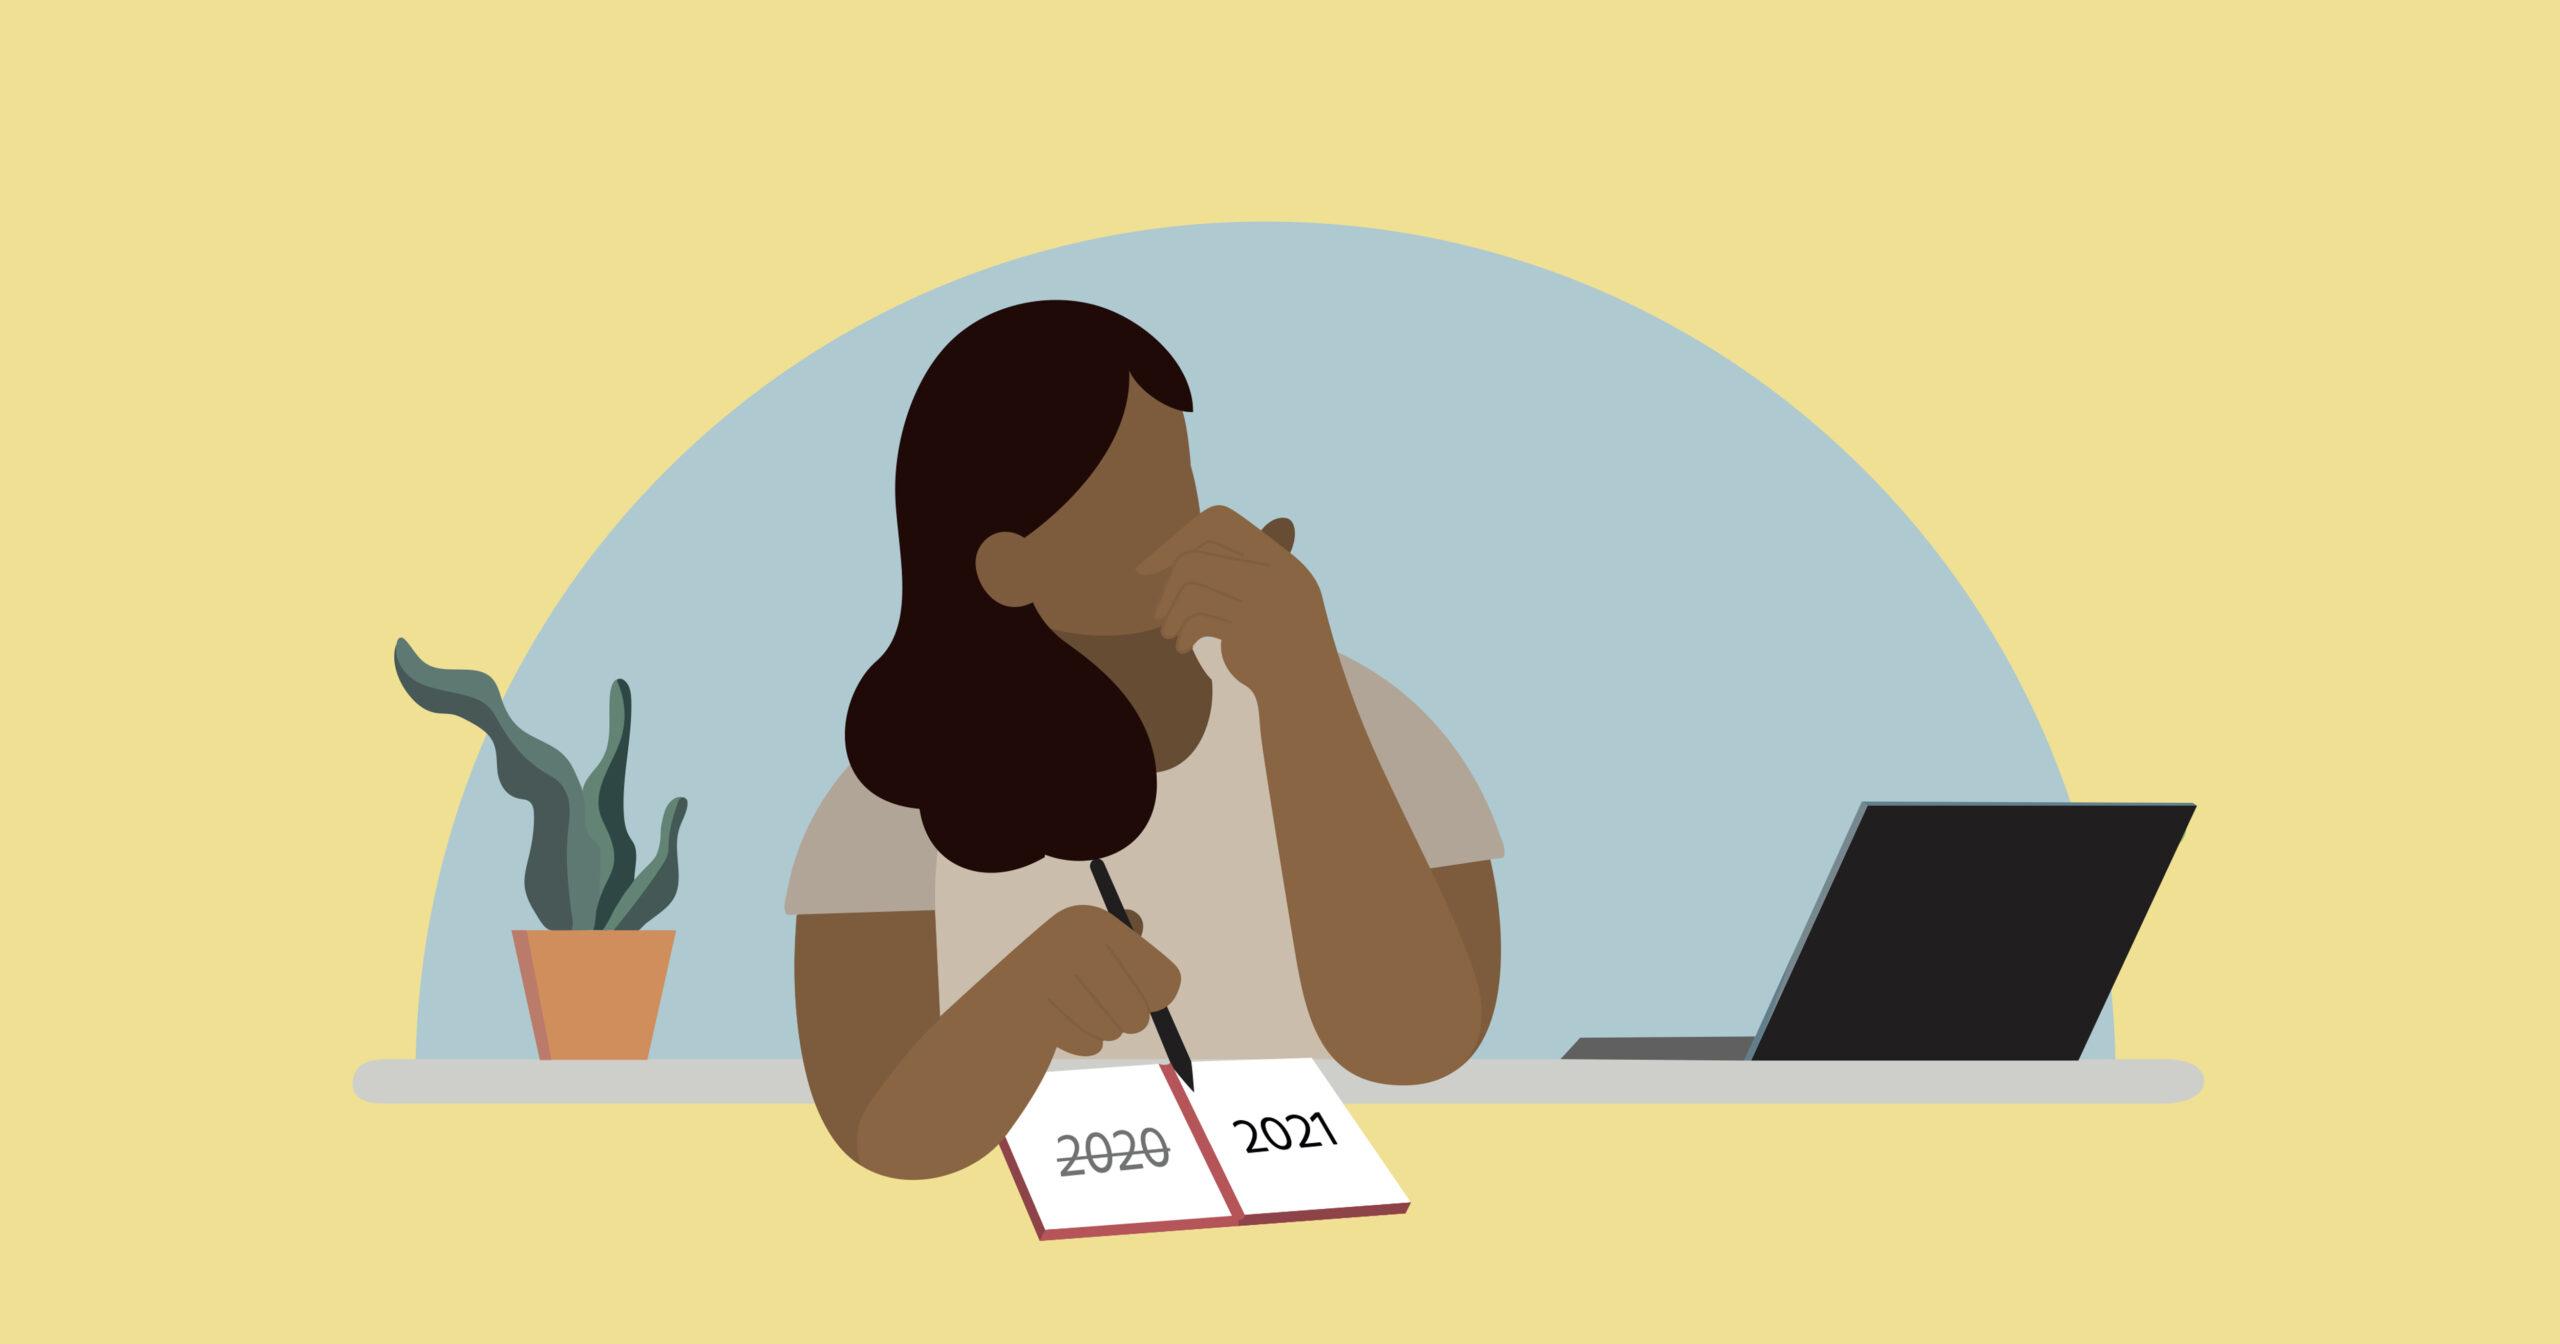 Illustration of woman planning